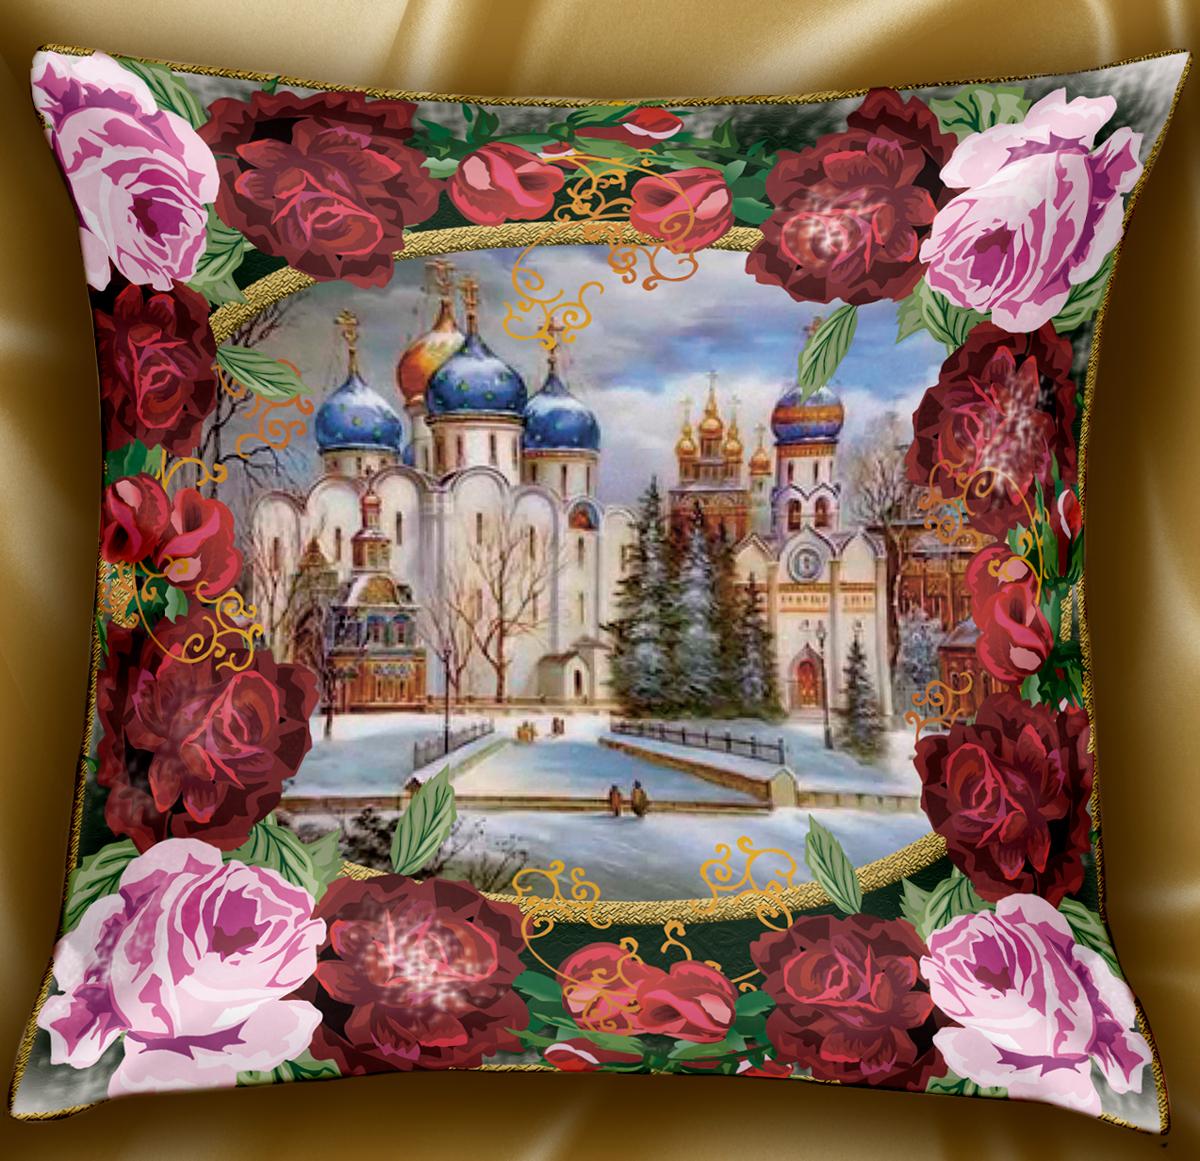 Декоративная подушка, рисунок выполнен методом фотопечати.  Наполнение - полое силиконизированное волокно Hollow Fiber.